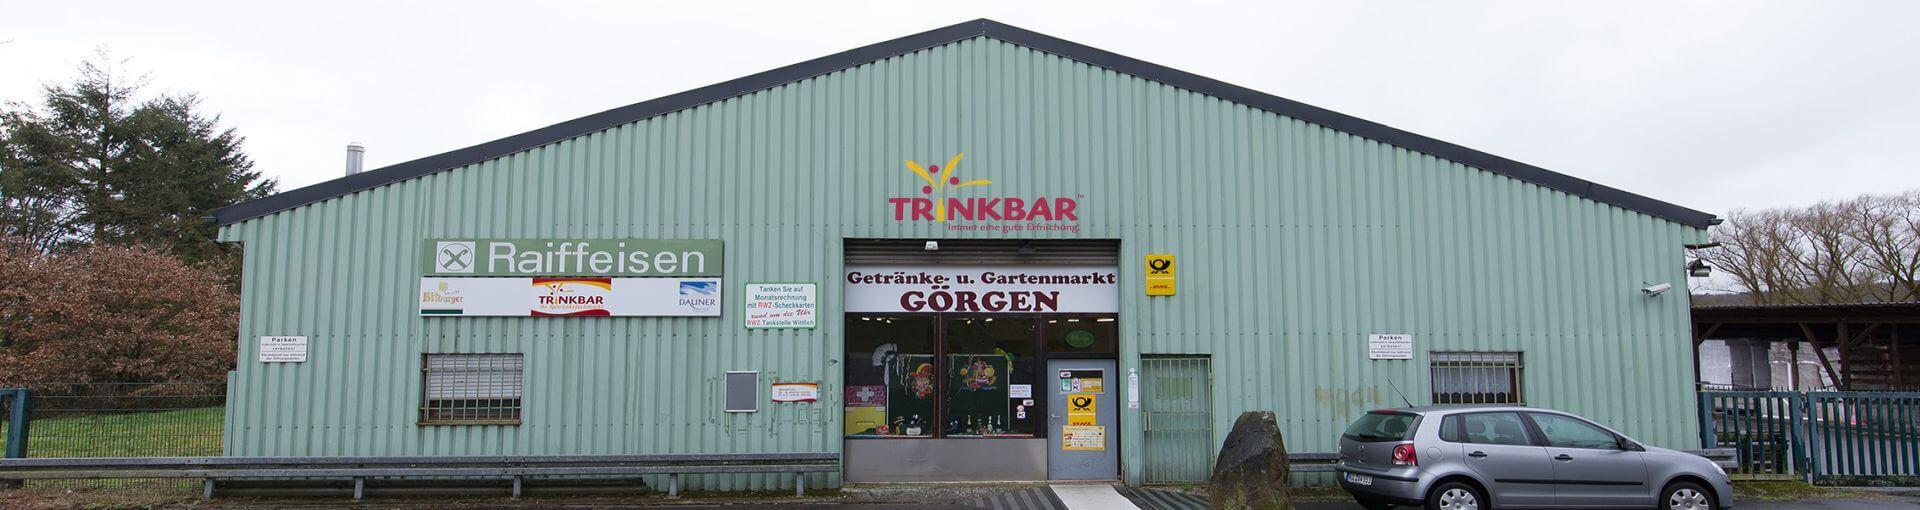 Trinkbar Landscheid – trinkkontor | Bitburger Bier GmbH